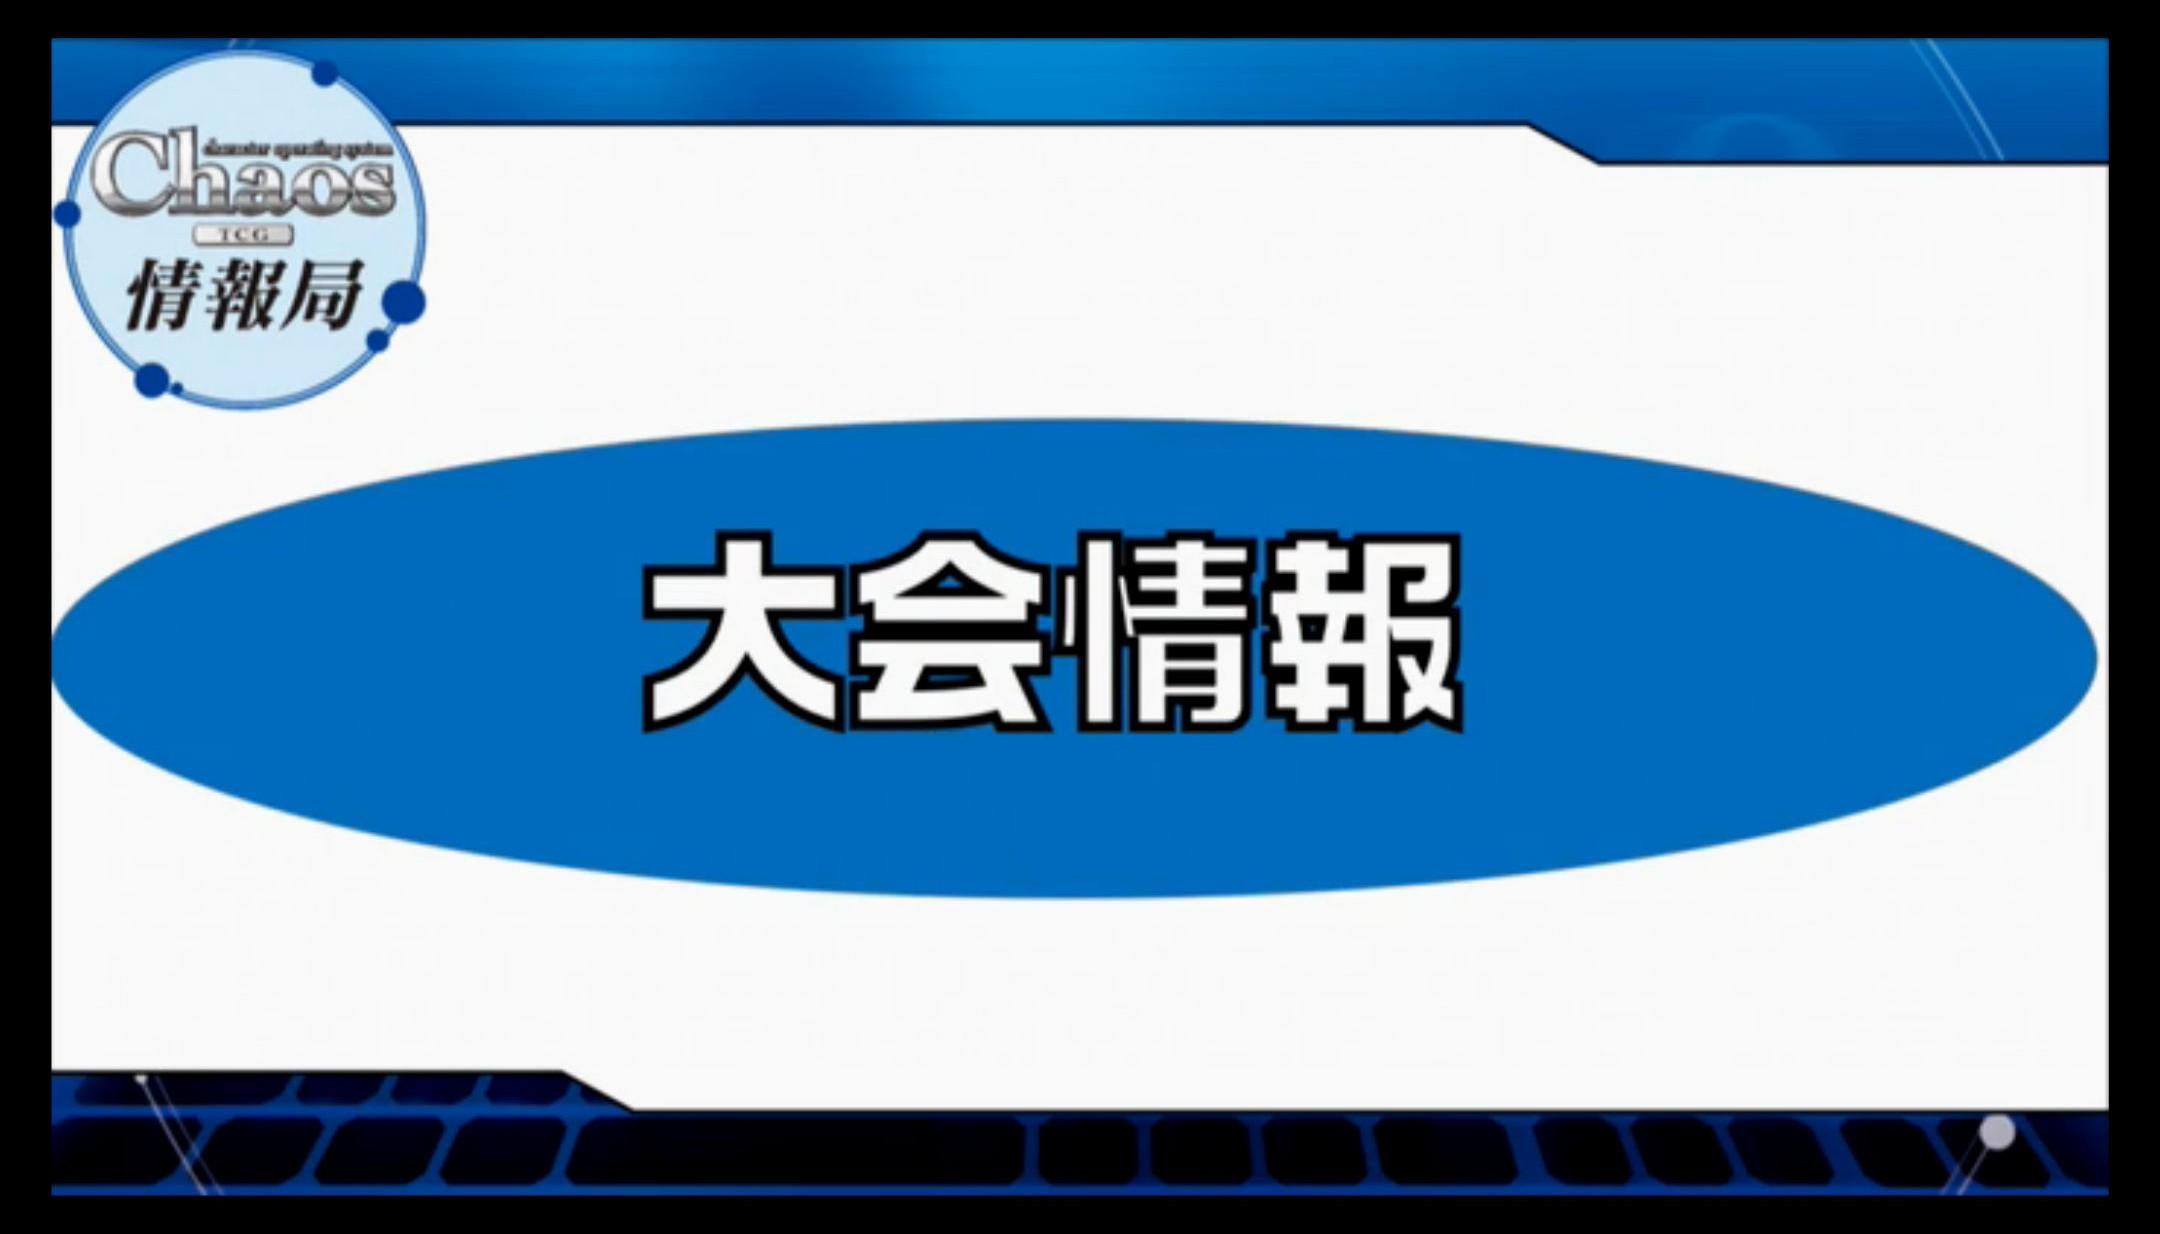 bshi-live-170928-064.jpg